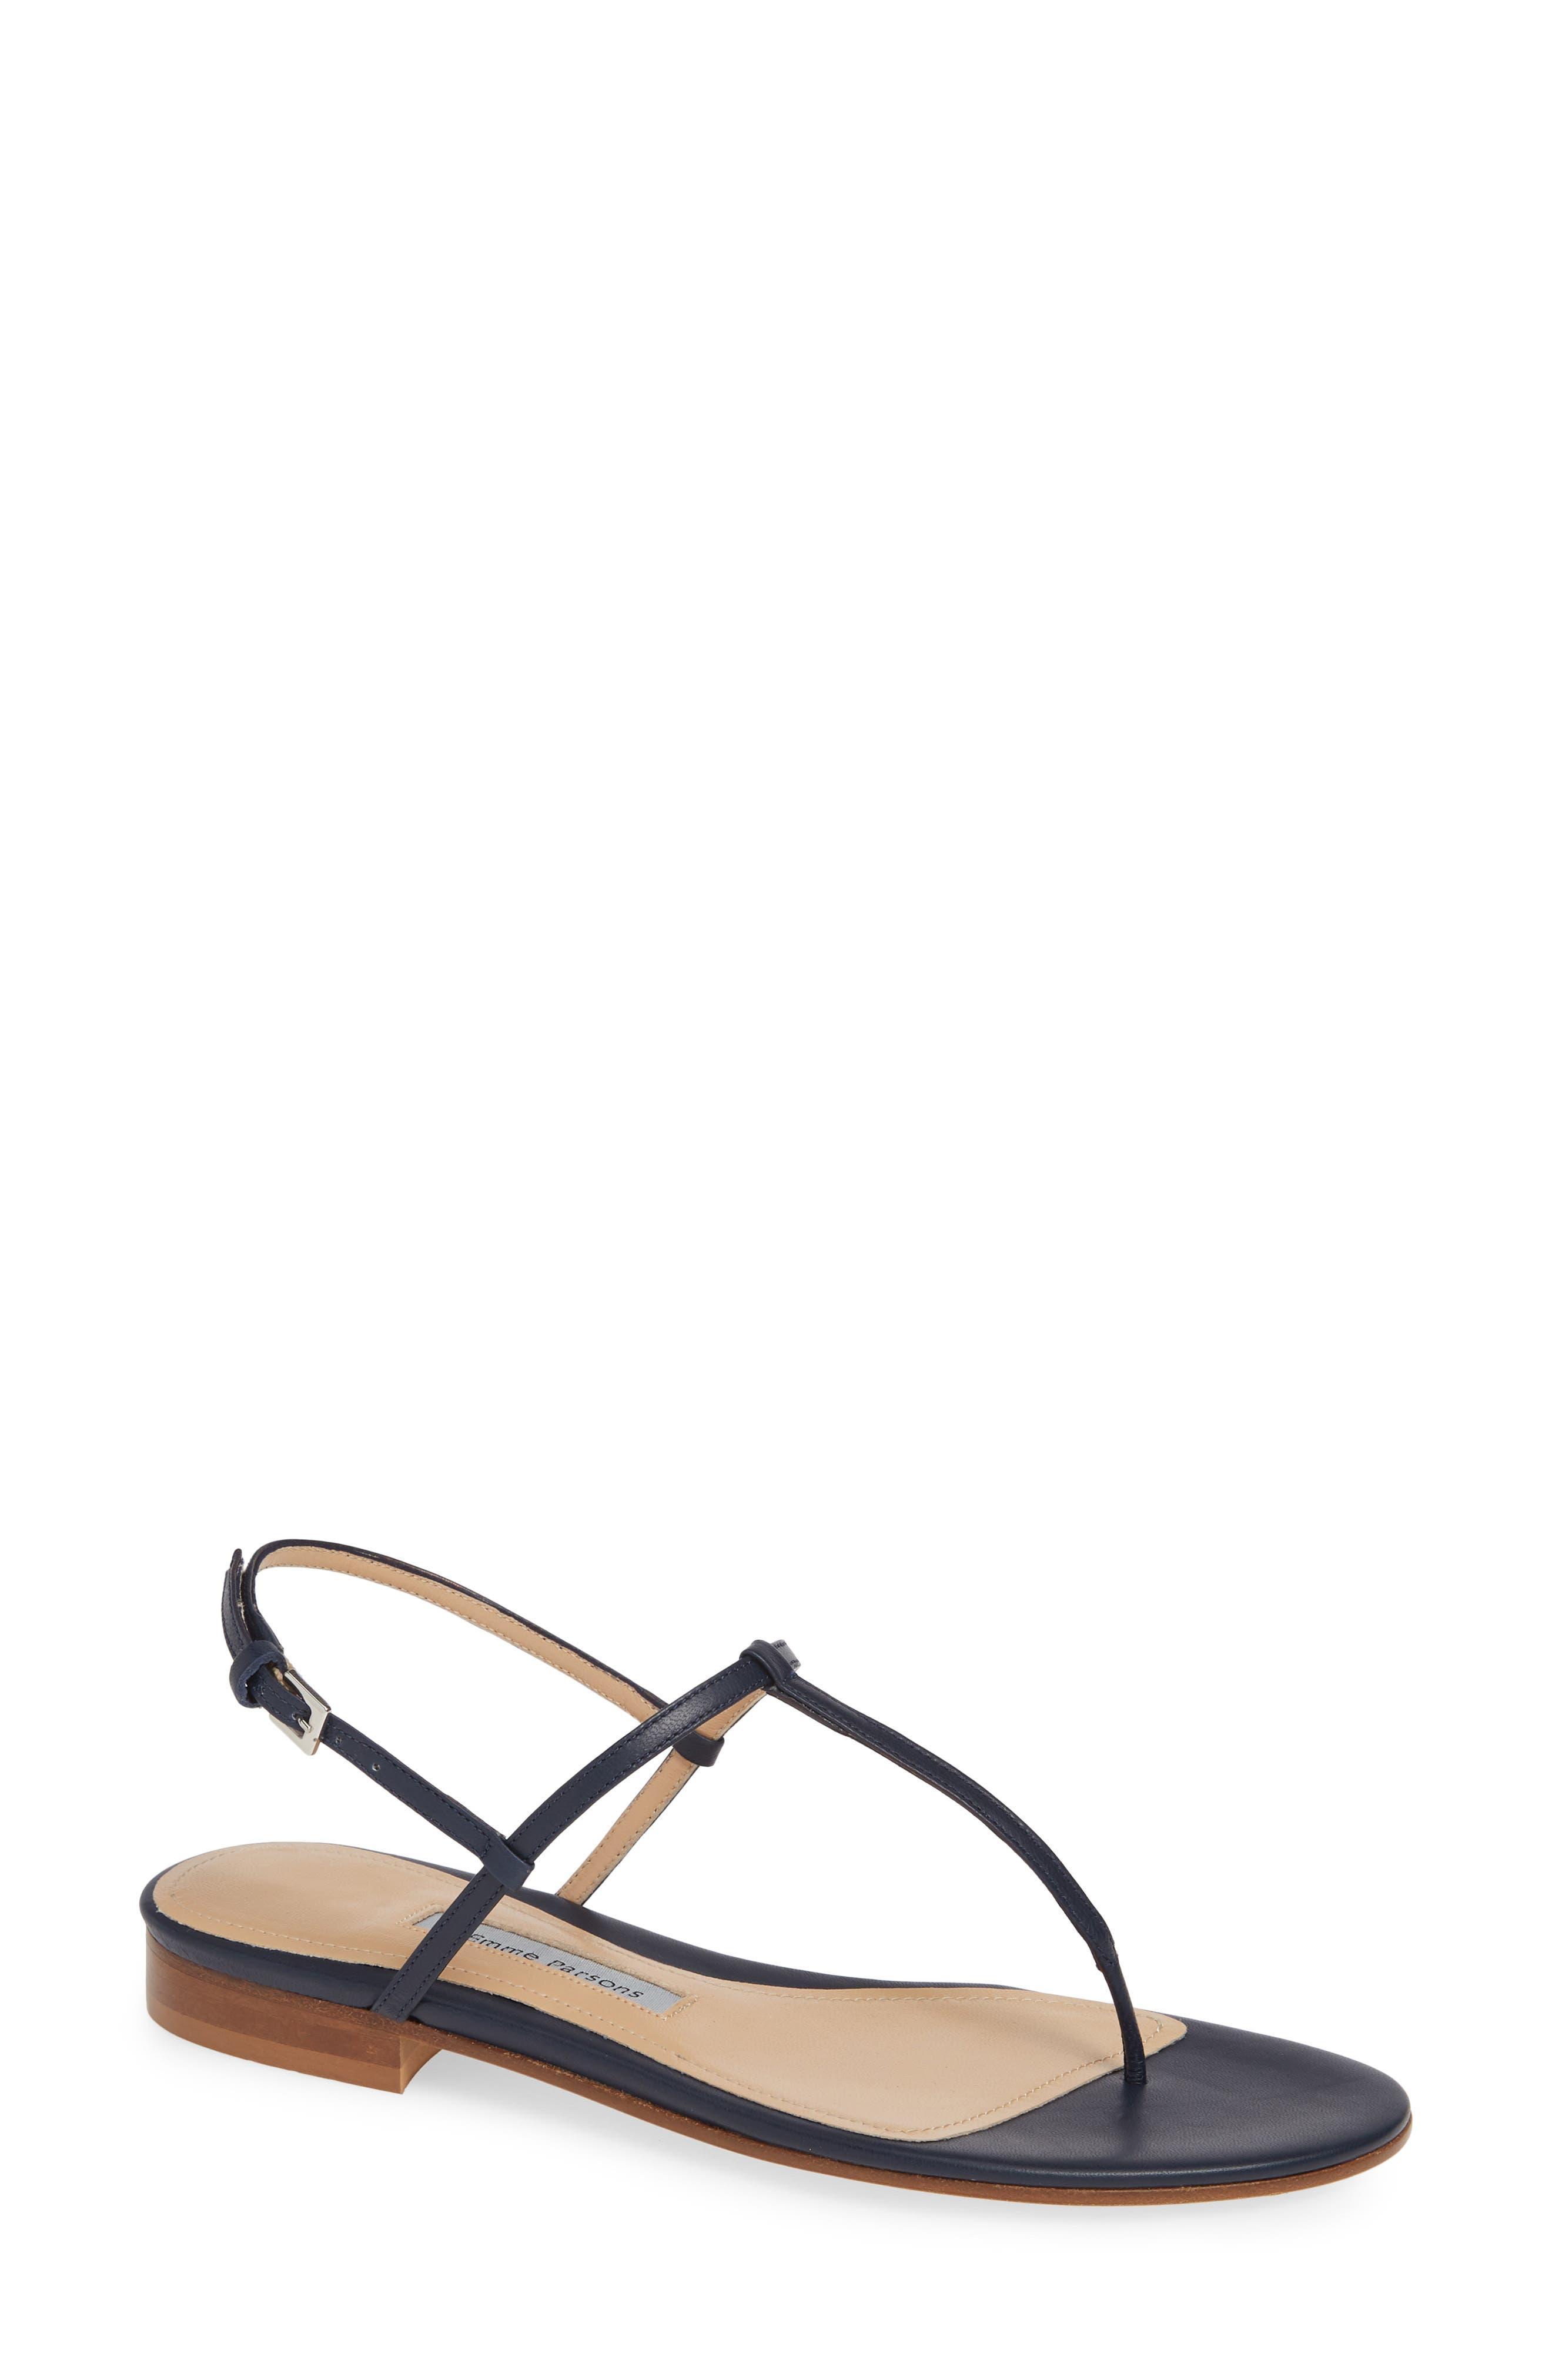 e26e43ebd35a Emme Parsons Ankle Strap Sandals for Women